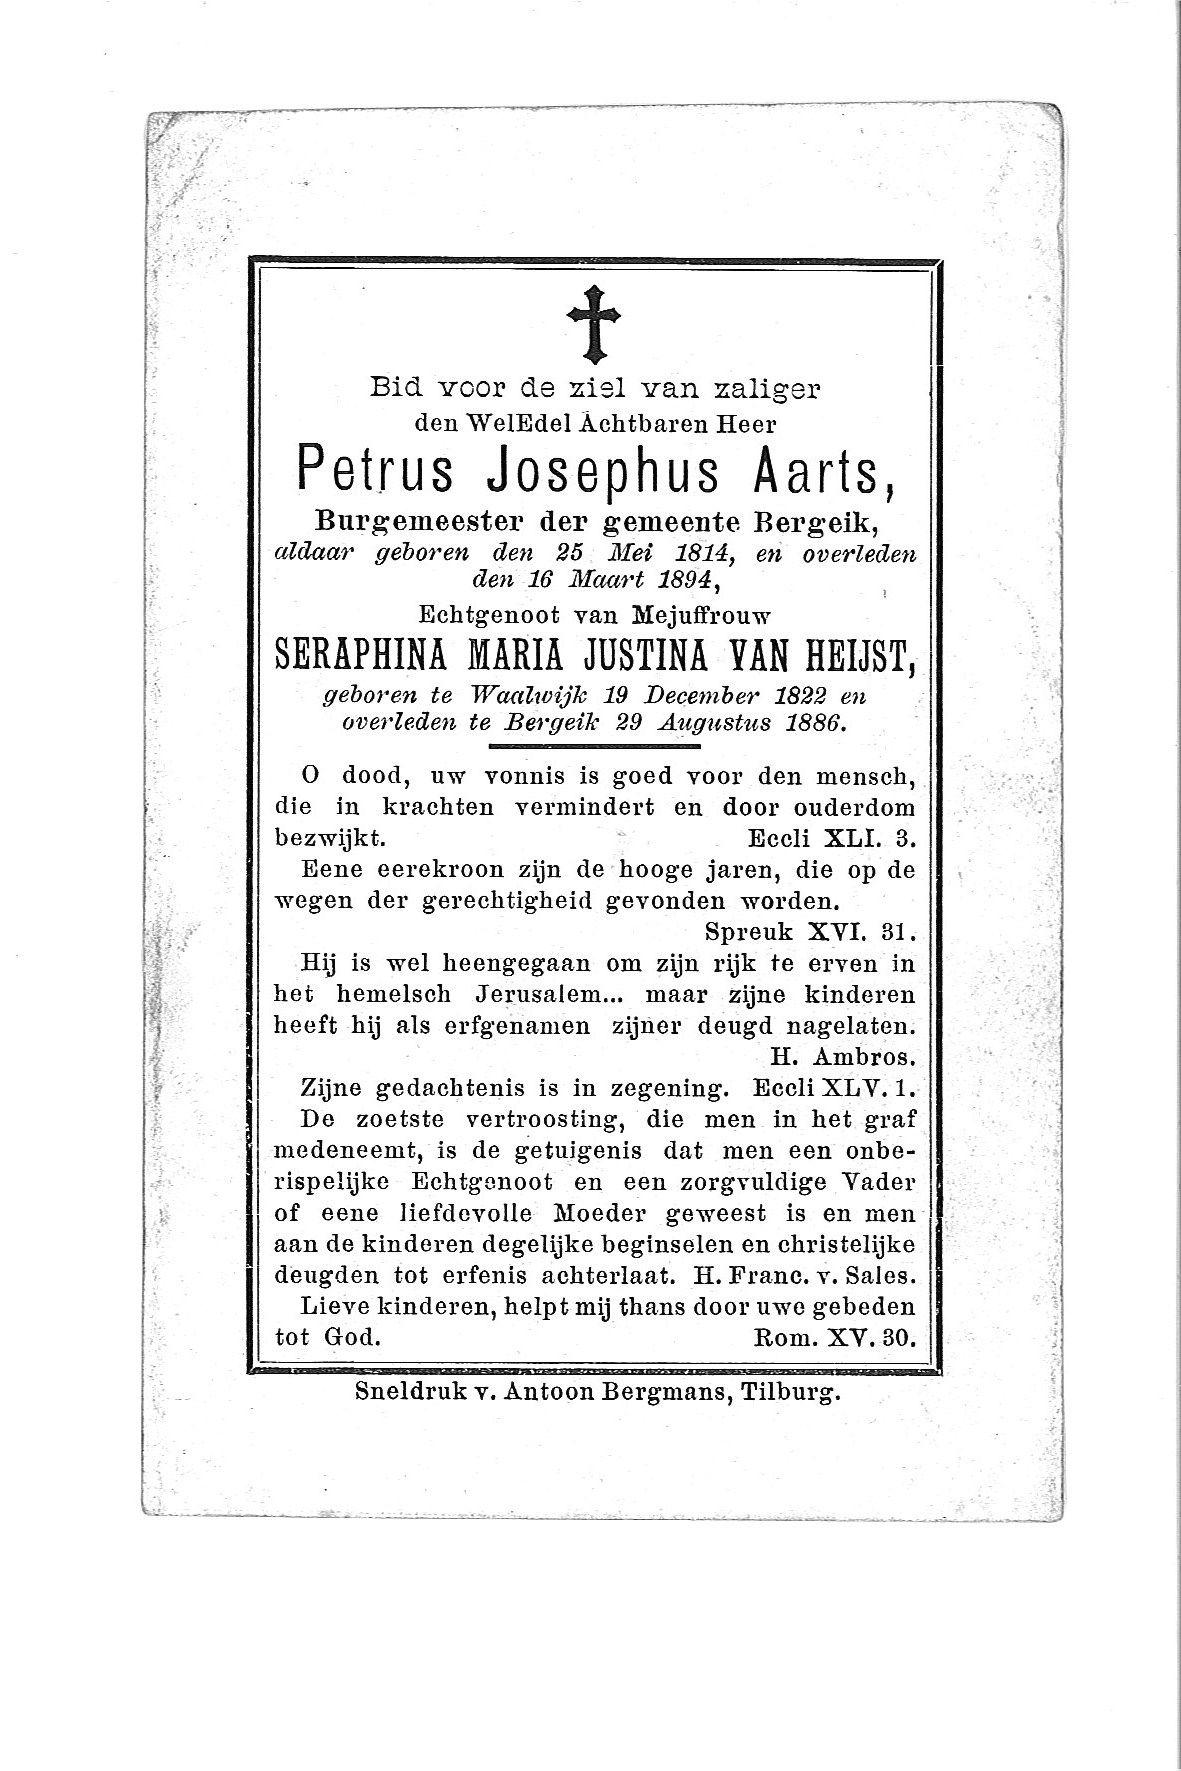 petrus-josephus(1886)20090109091439_00002.jpg